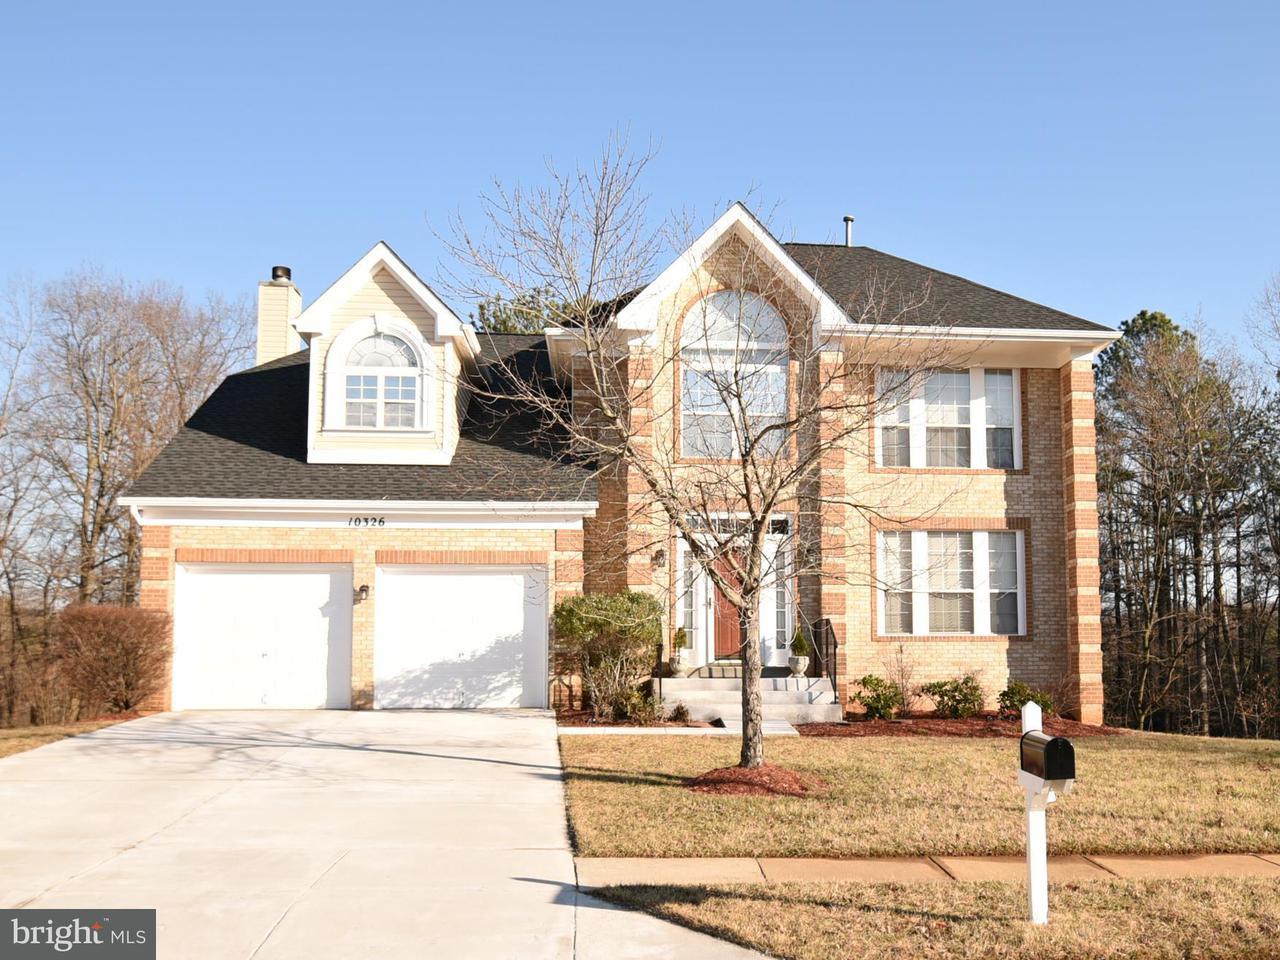 Einfamilienhaus für Verkauf beim 10326 Halton Ter 10326 Halton Ter Lanham, Maryland 20706 Vereinigte Staaten